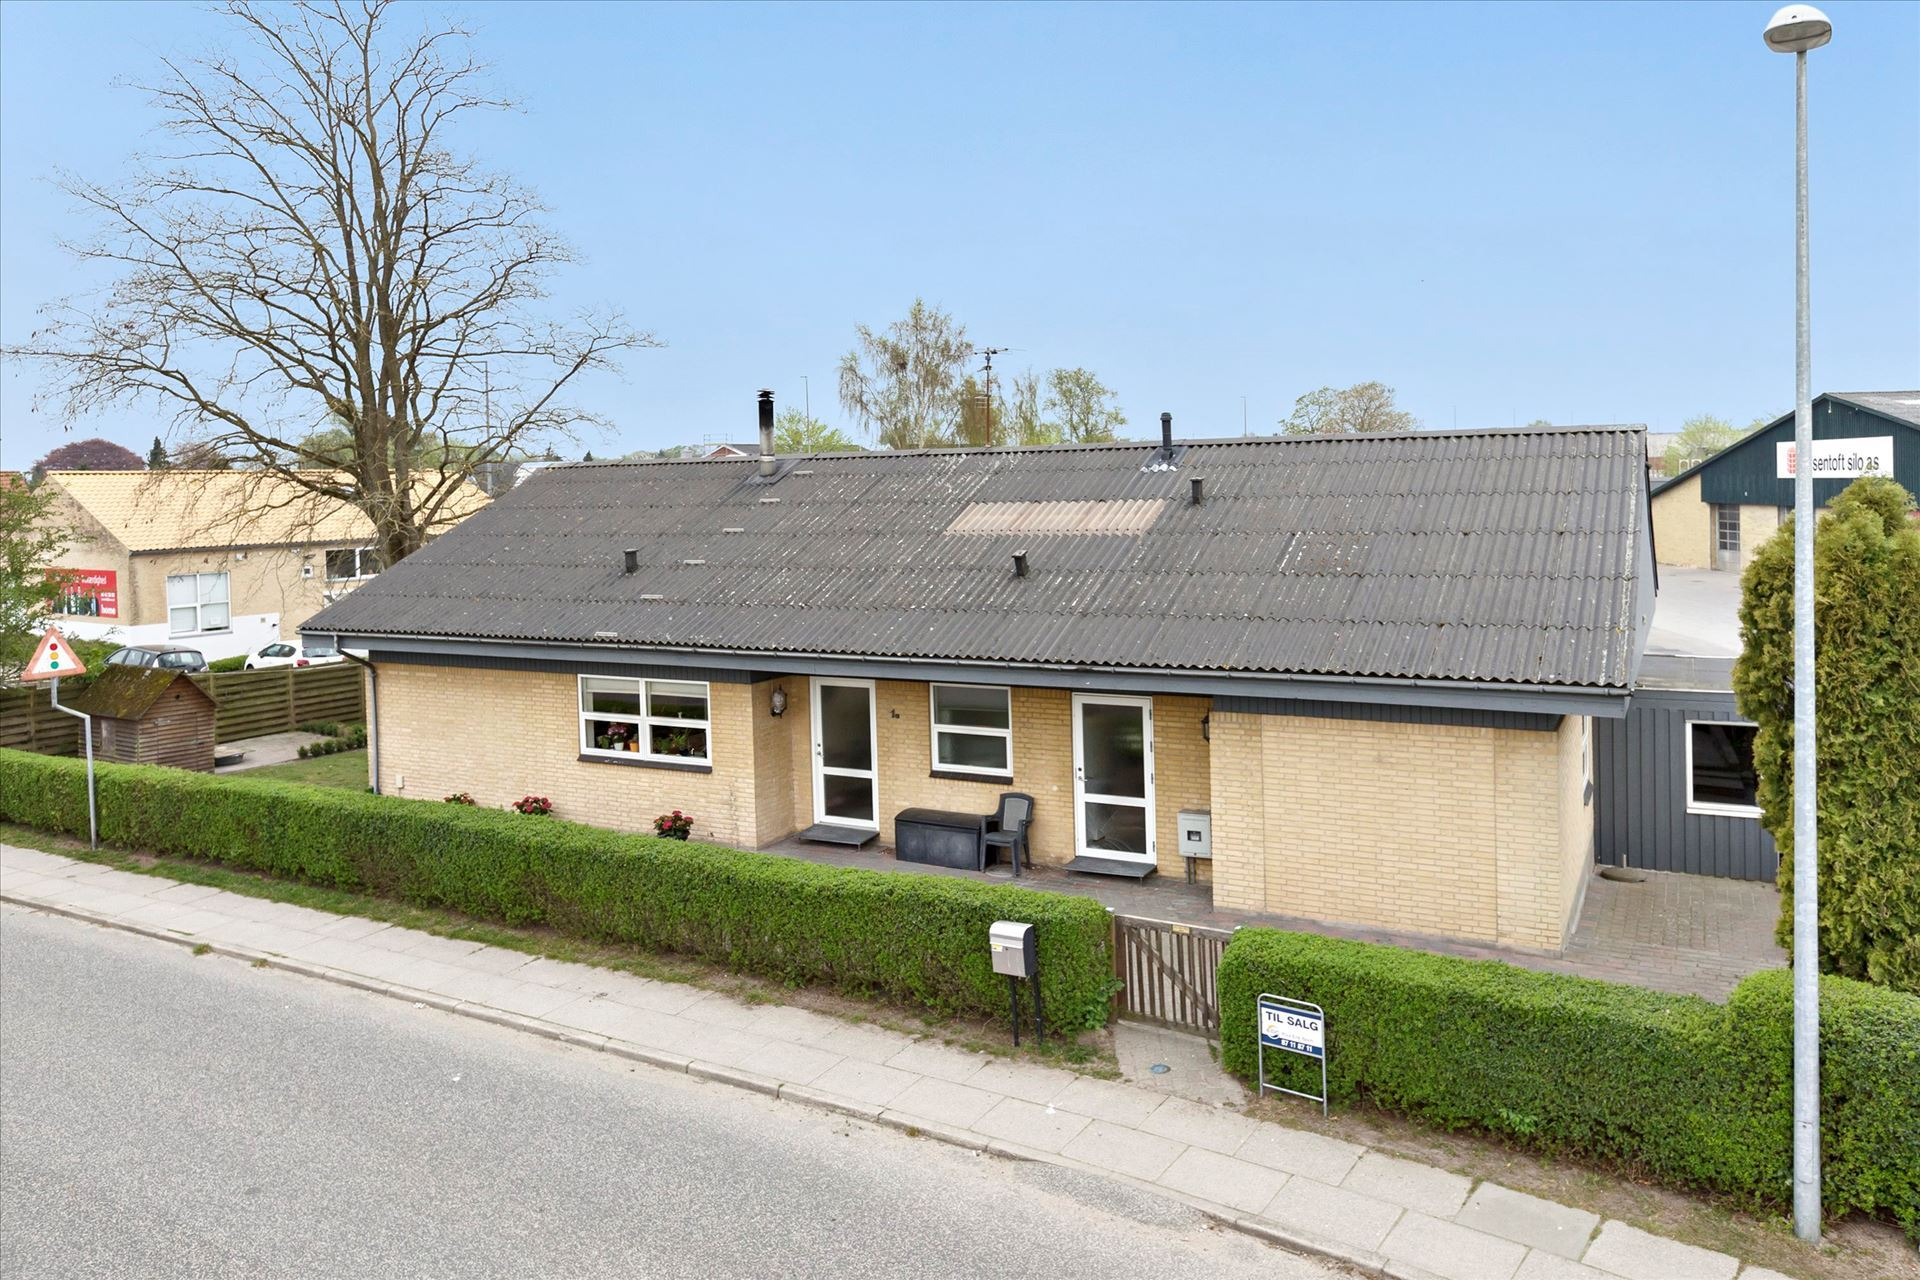 Volkmøllevej 1A, Assentoft, 8960 Randers SØ